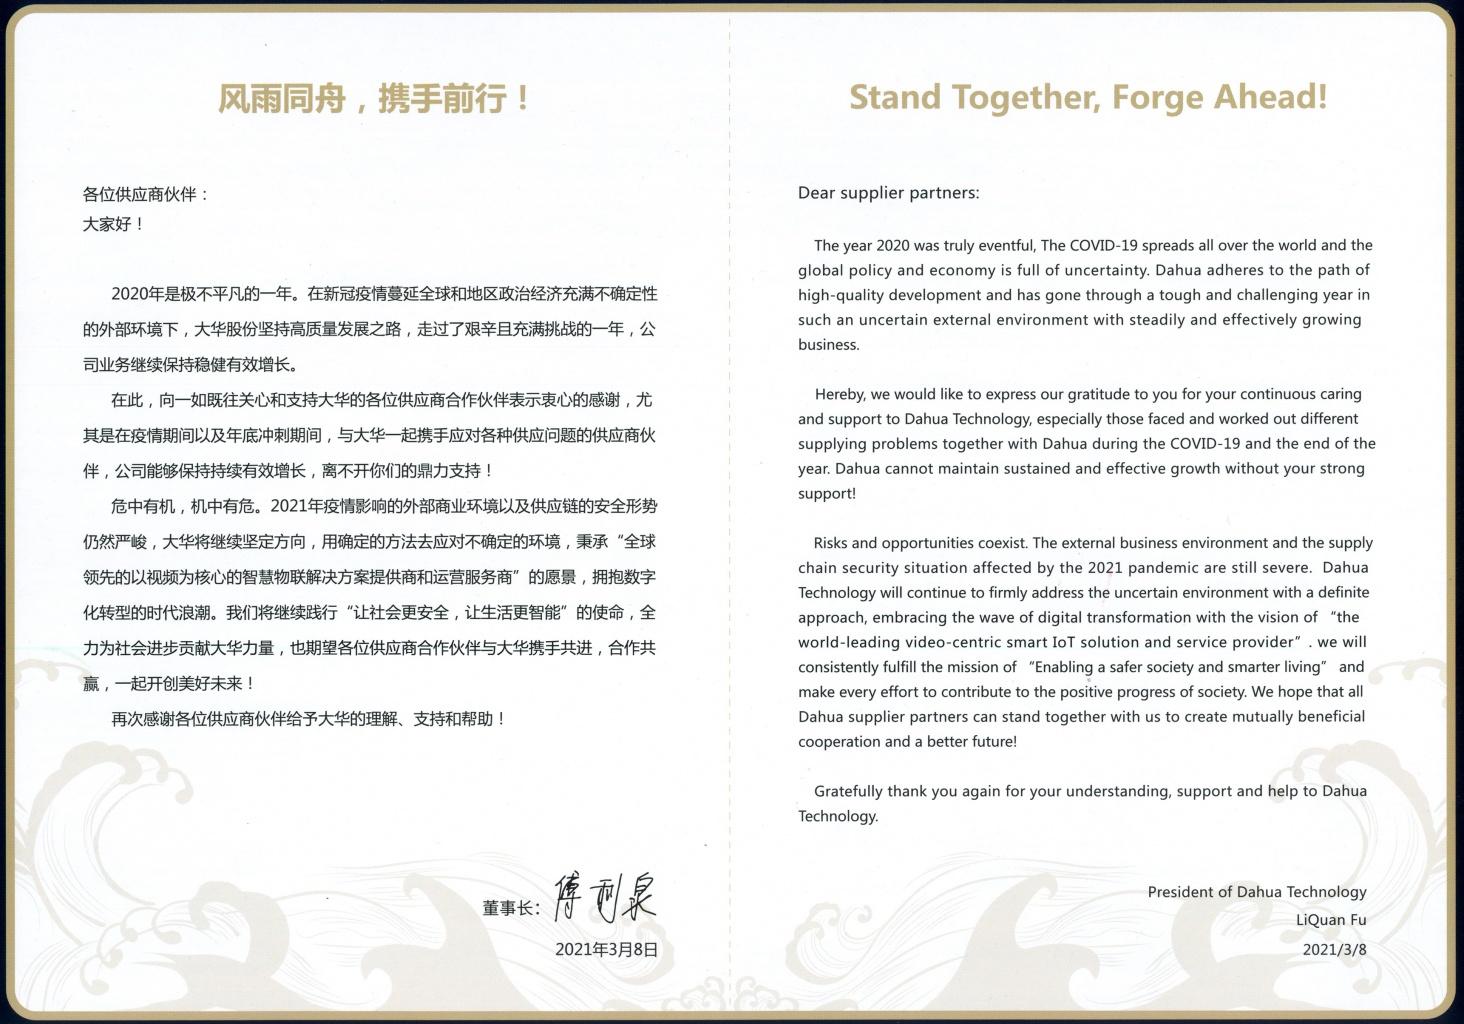 dahua_award paper_2.jpg (396 KB)